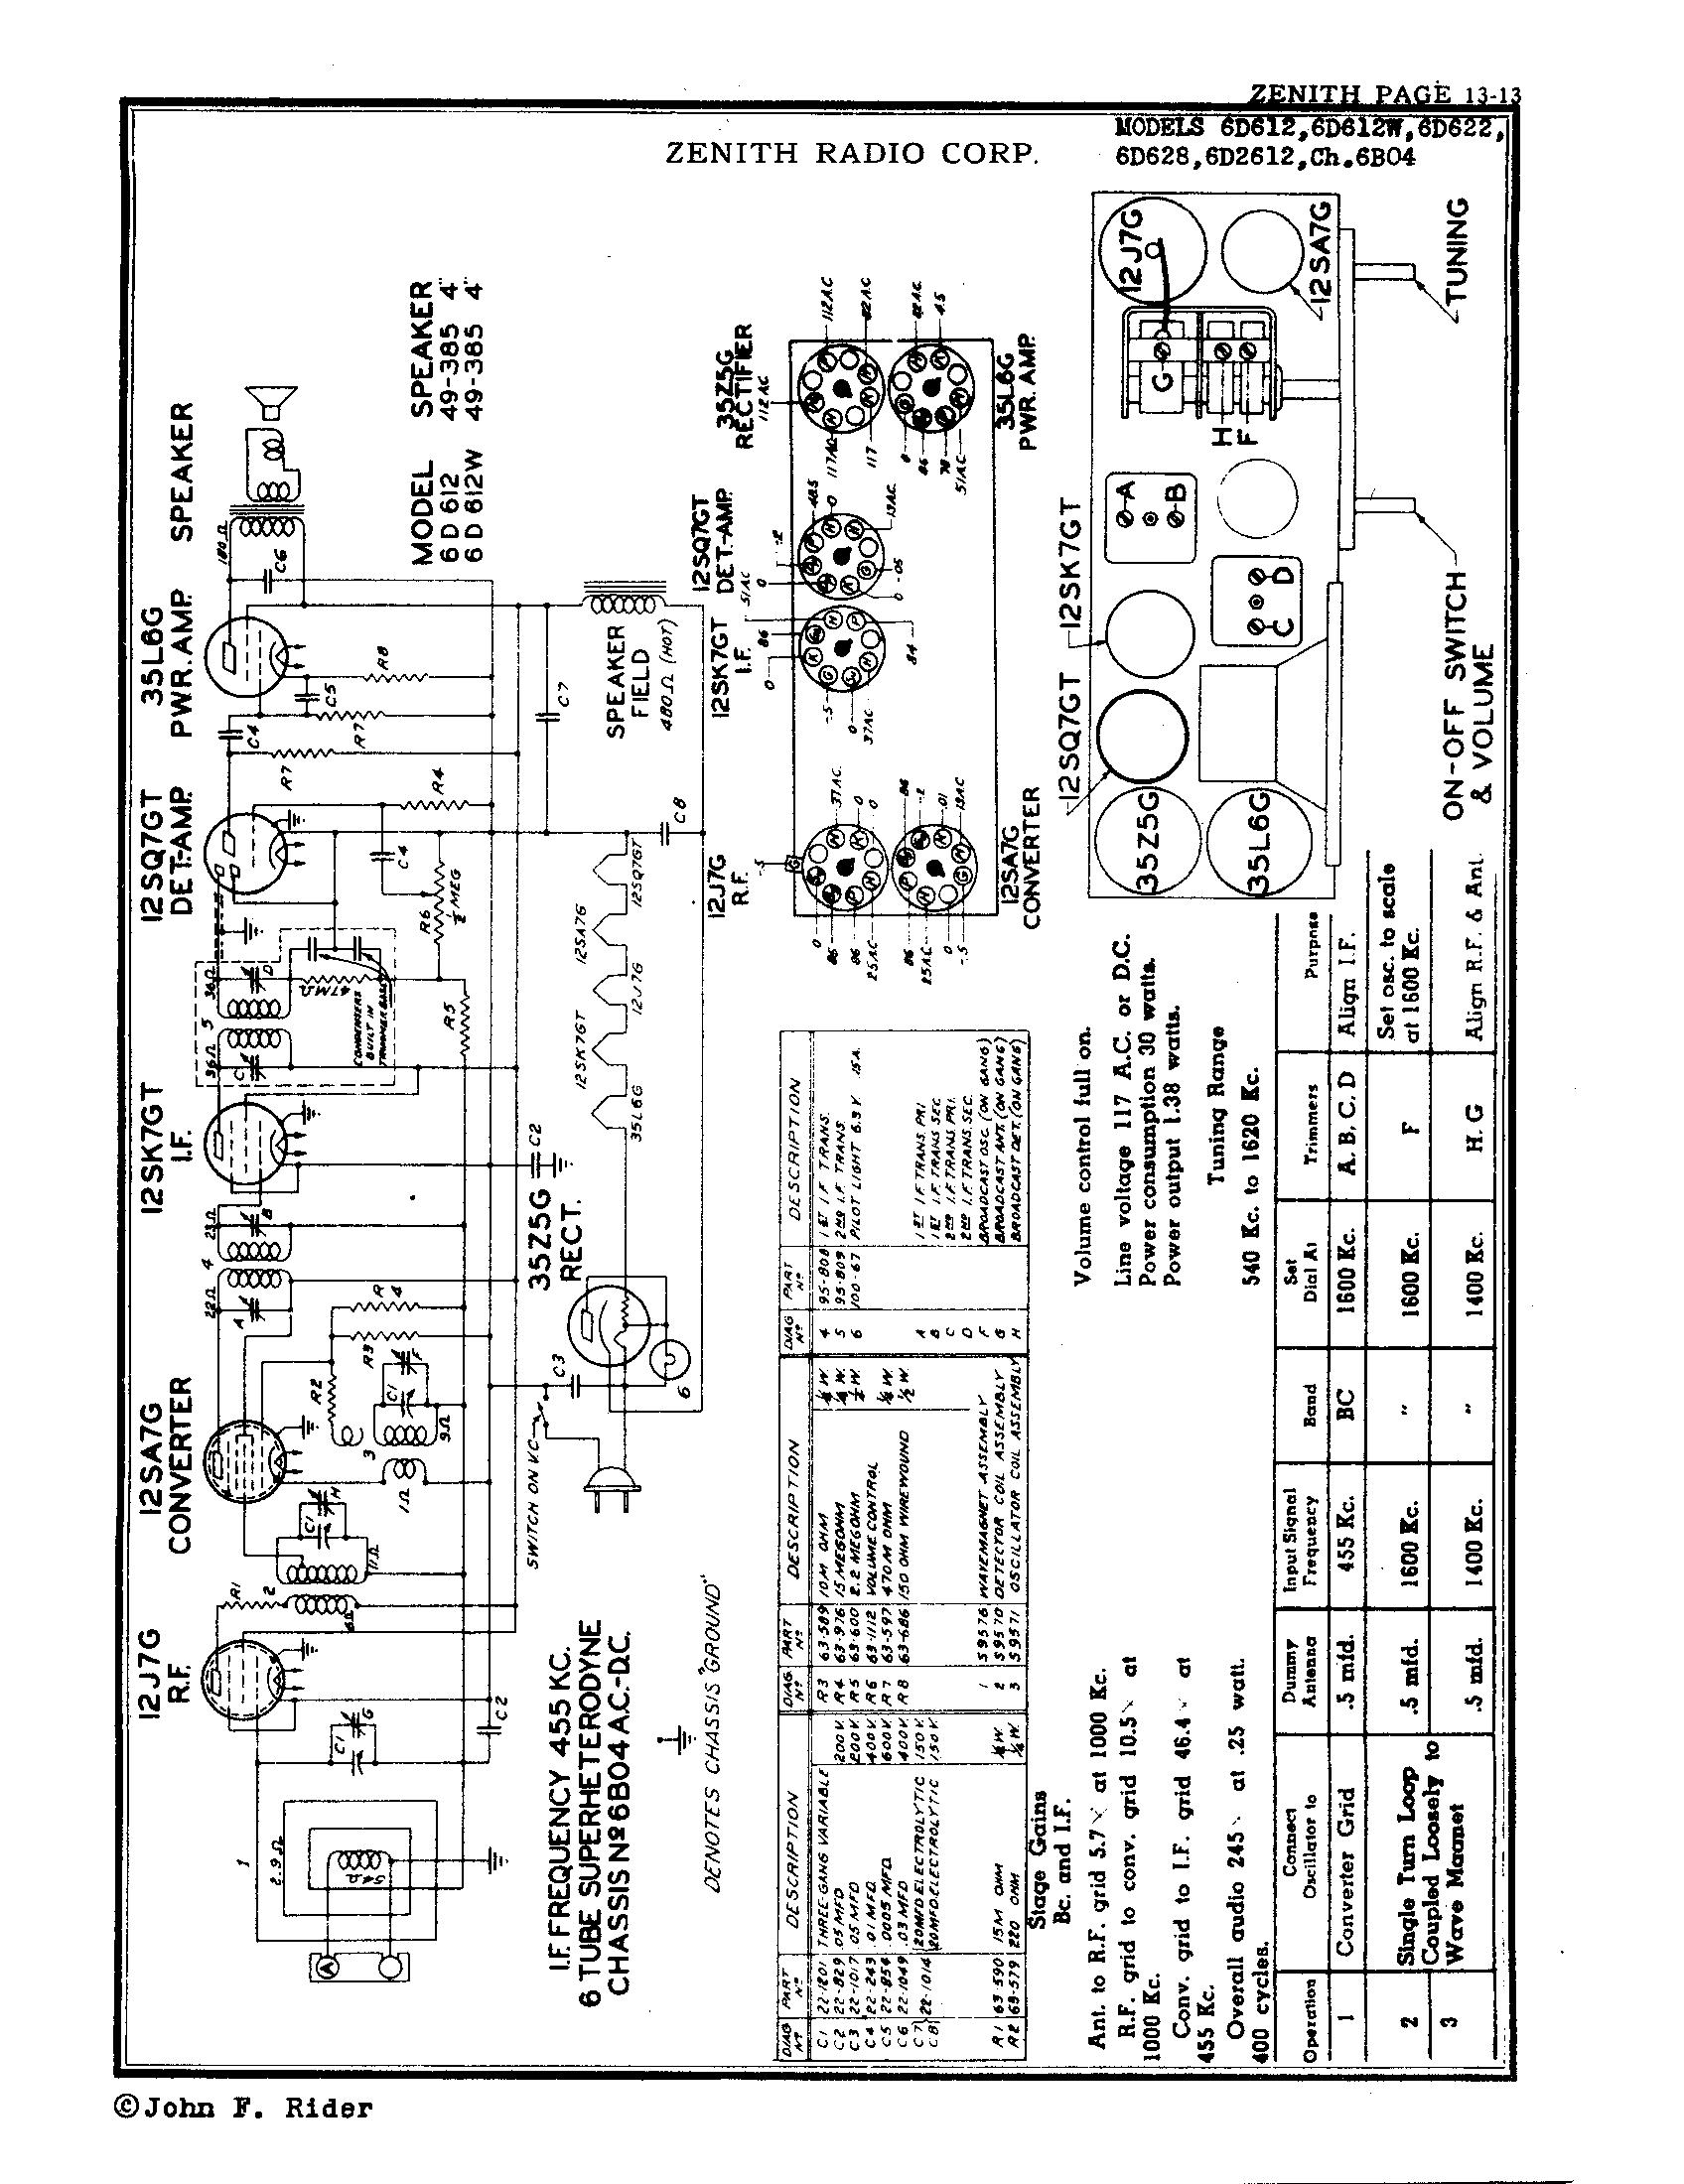 zenith radio corp  6d612